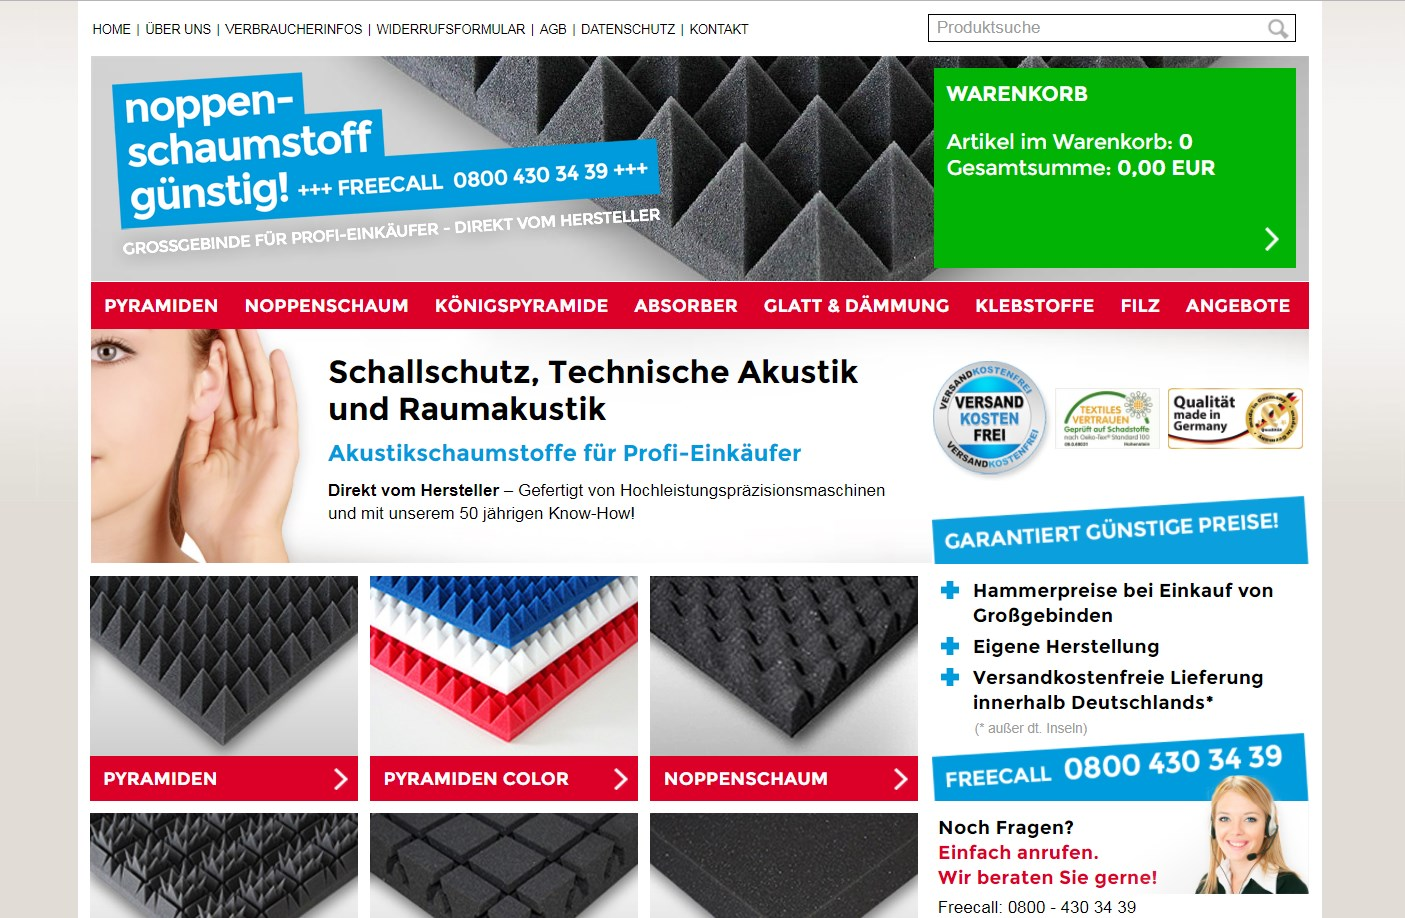 Gaetano Di Napoli - Matratzen | Schaumstoffe | Akustik - Screenshot vom Online-Shop Noppenschaumstoff günstig